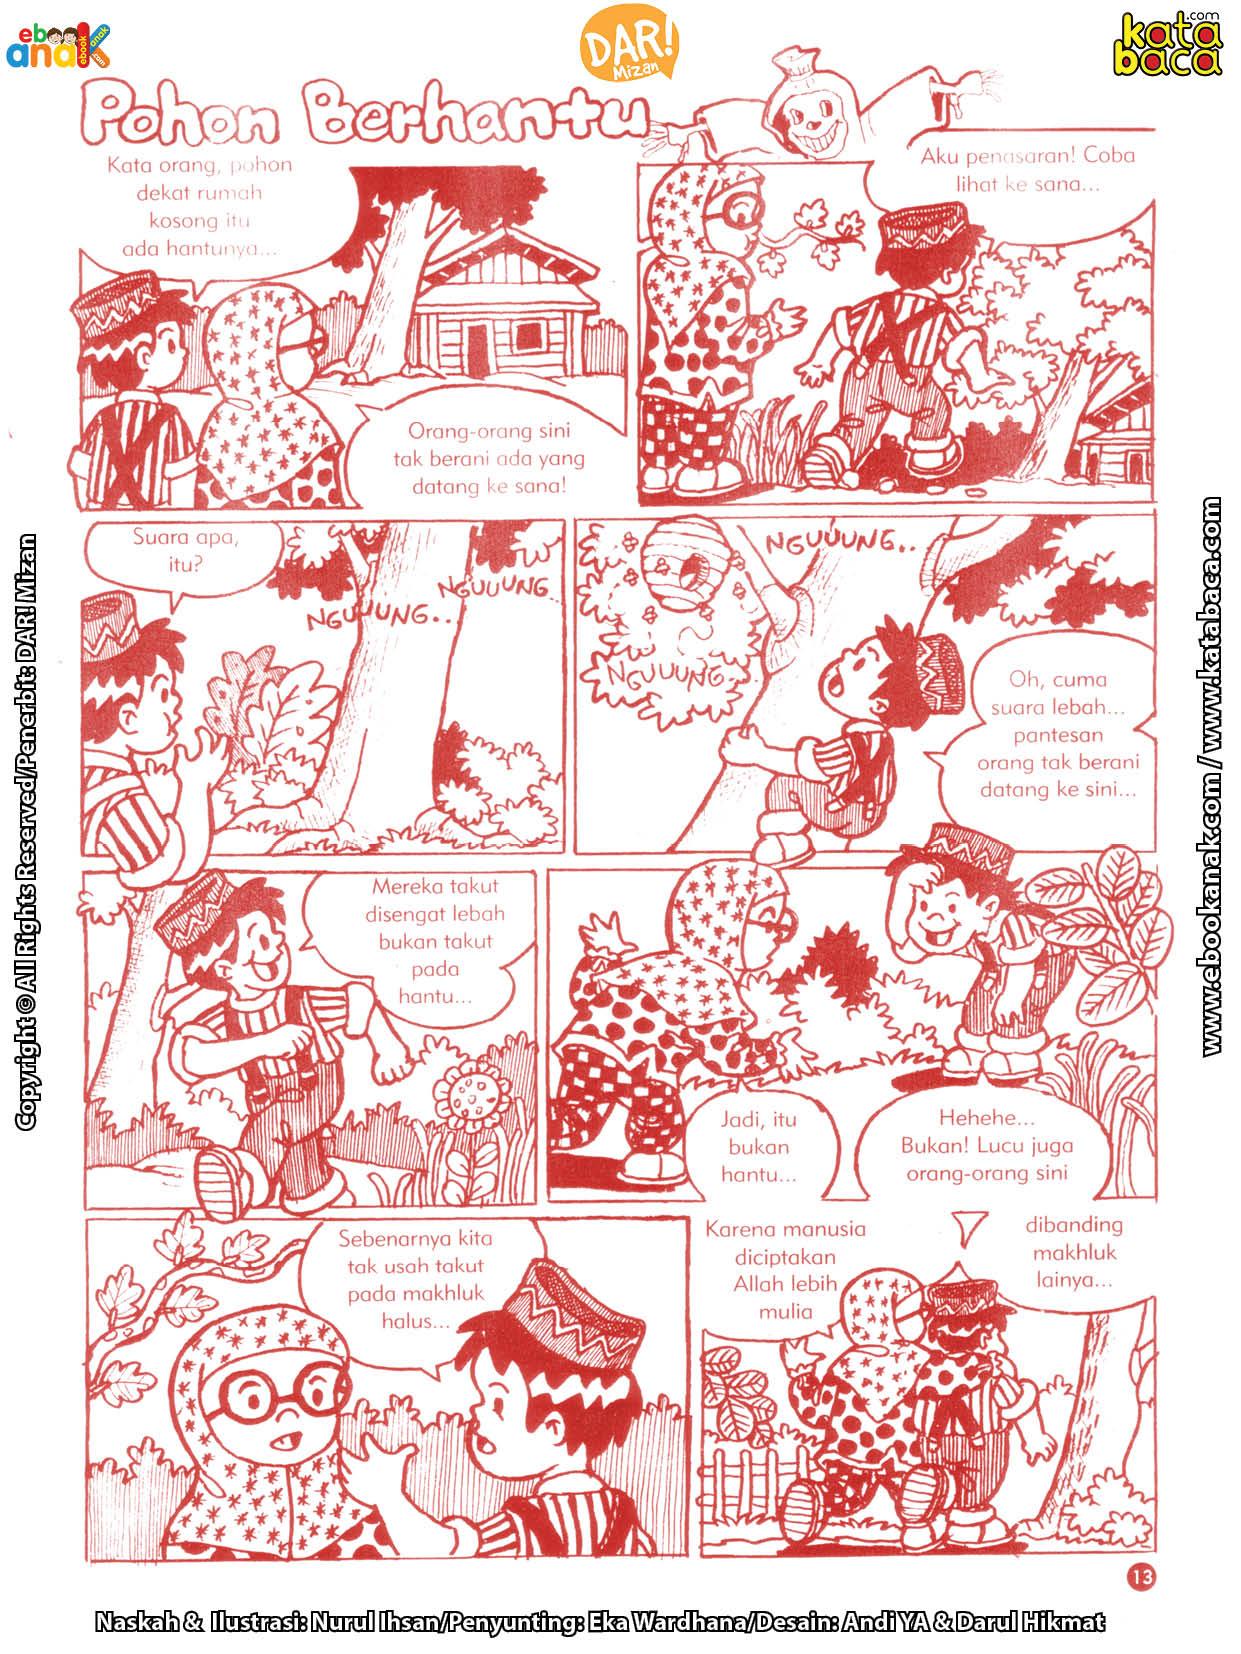 baca buku online komik ibadah centil centil cerdas Benarkah Ada Pohon Berhantu